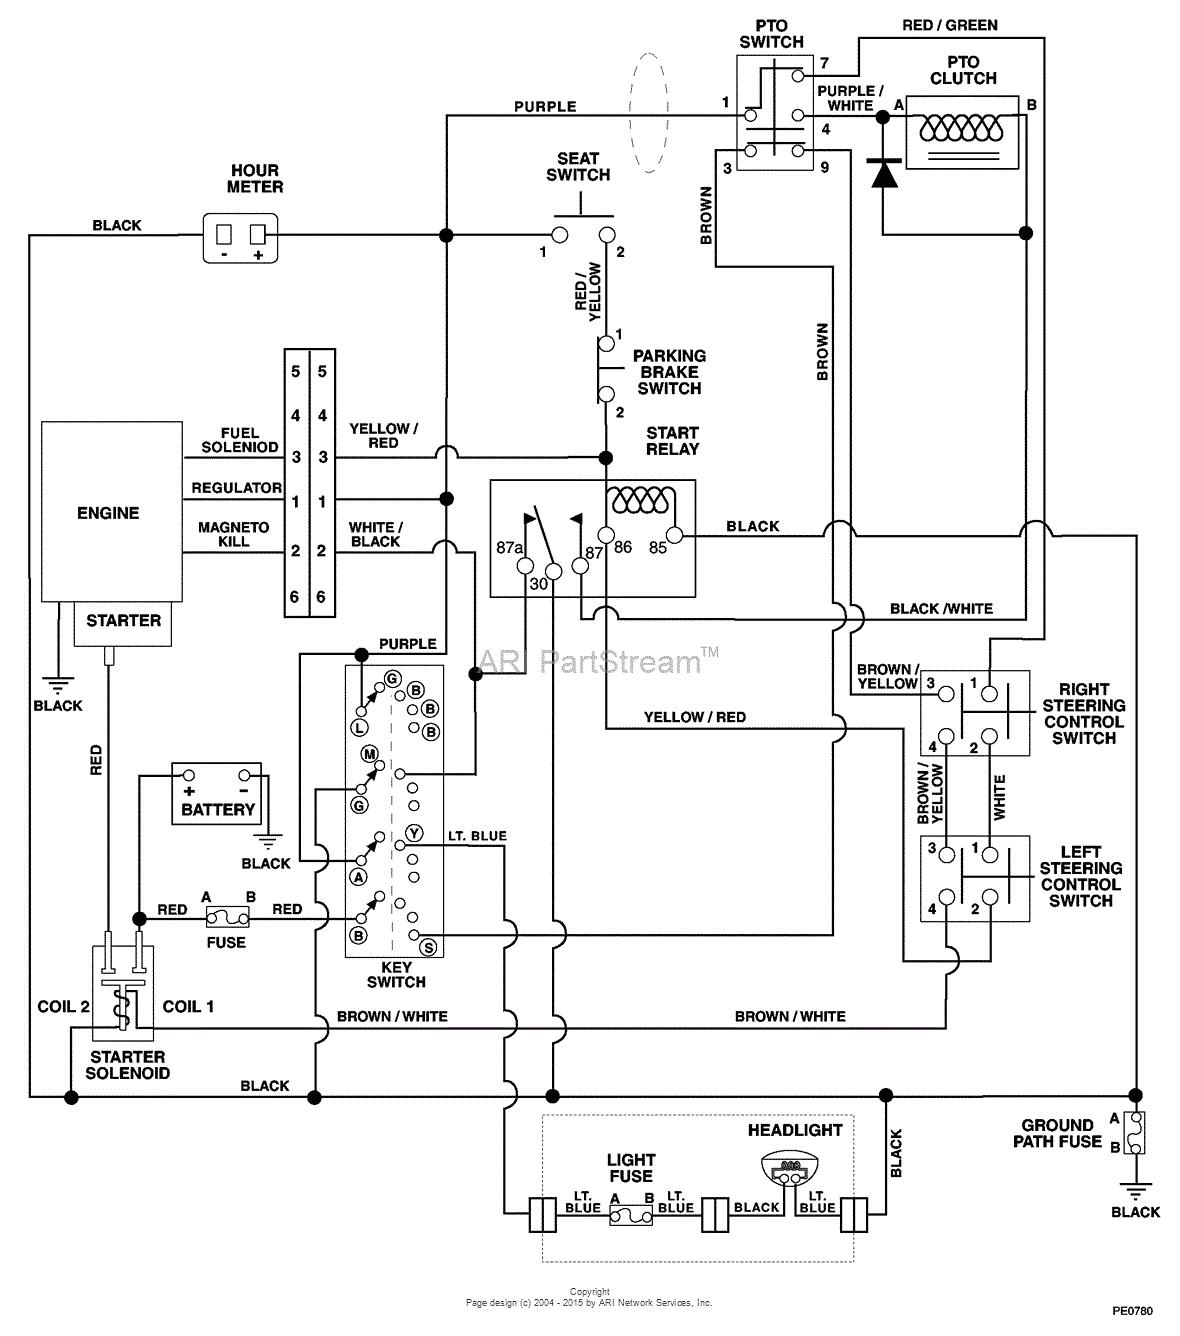 husaberg fc600 wiring diagram wiring diagram blog husaberg fc600 wiring diagram schema diagram database husaberg fc600